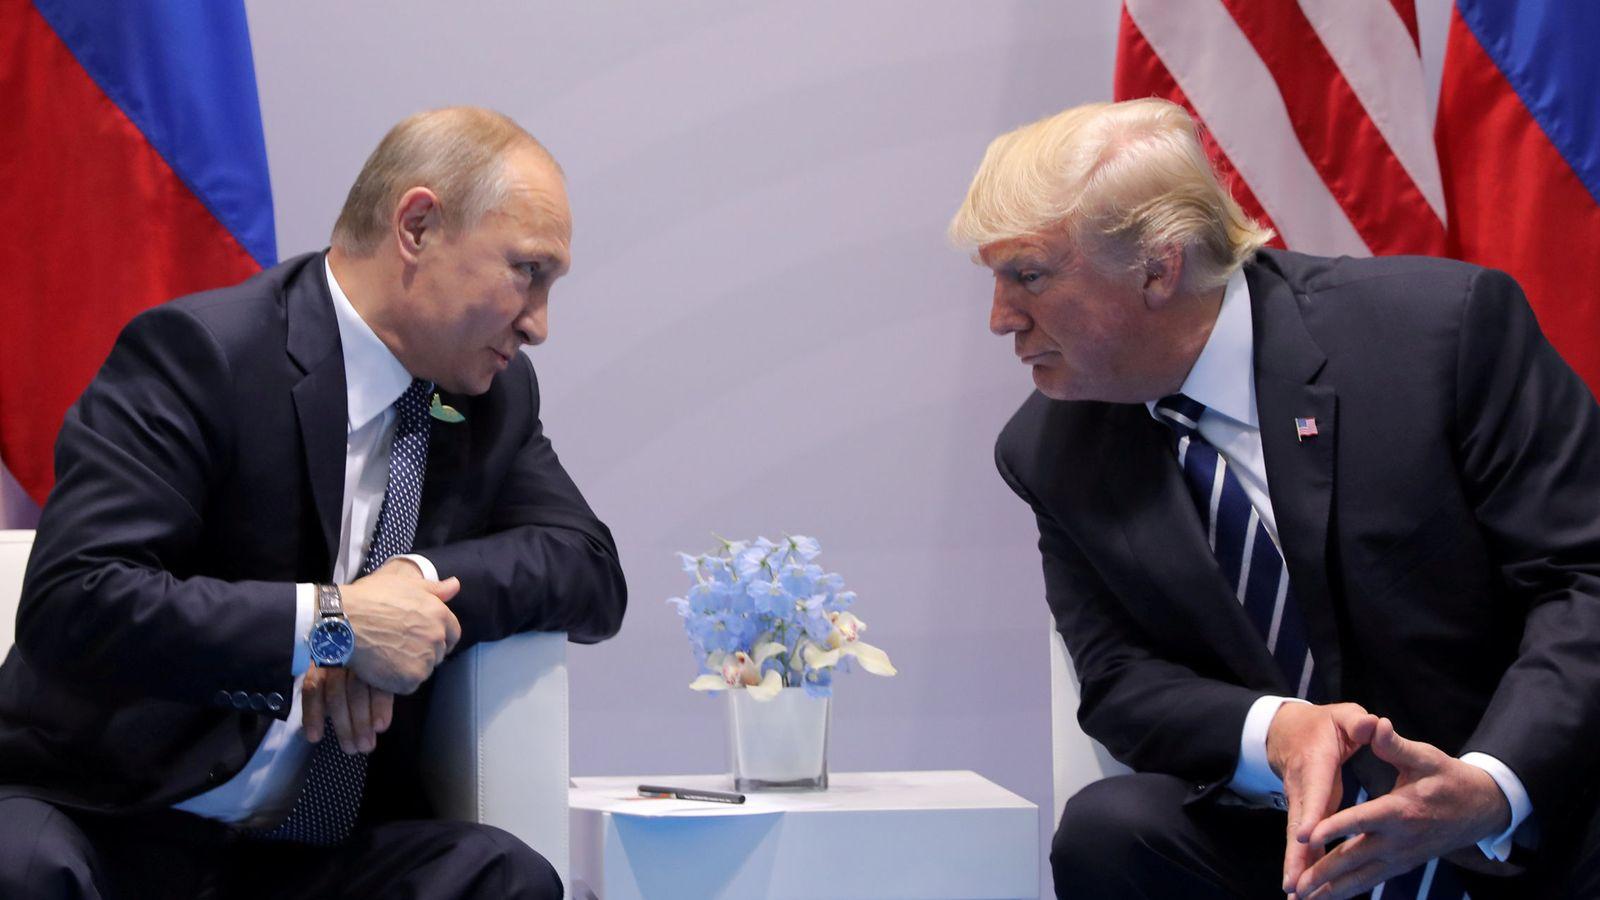 Foto: El presidente de Rusia, Vladimir Putin, conversa con su homólogo estadounidense, Donald Trump. (Reuters)